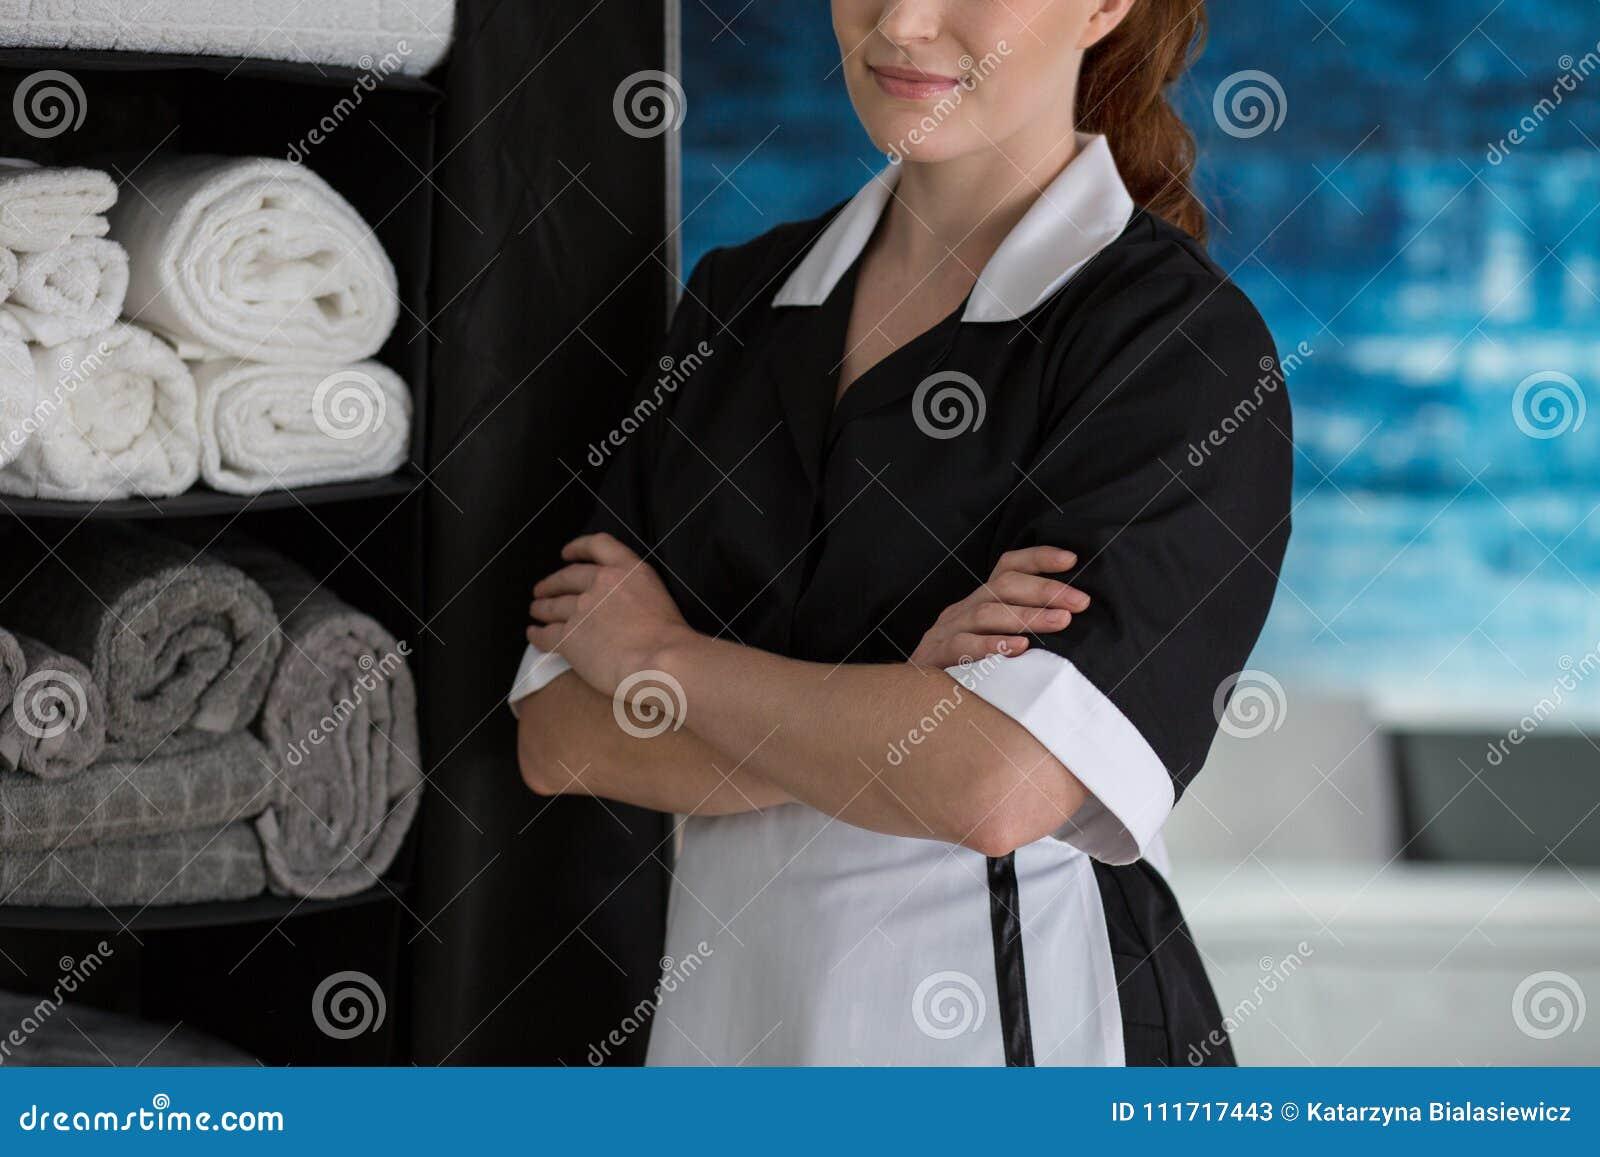 Mädchen zufrieden gewesen mit Arbeit